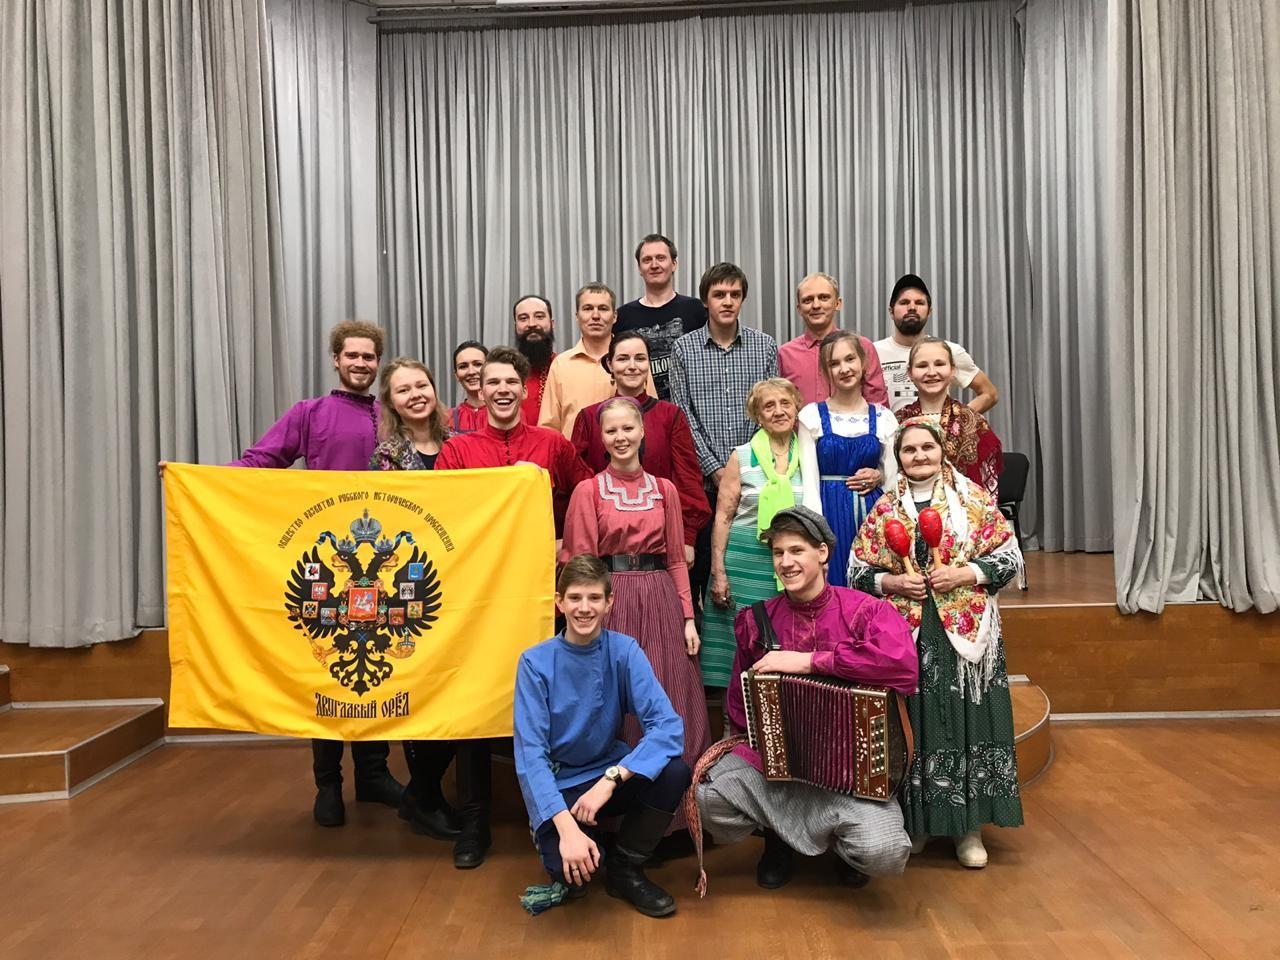 В Екатеринбургской епархии Сретенский фестиваль православной и светской молодежи продолжился фольклорной вечеркой